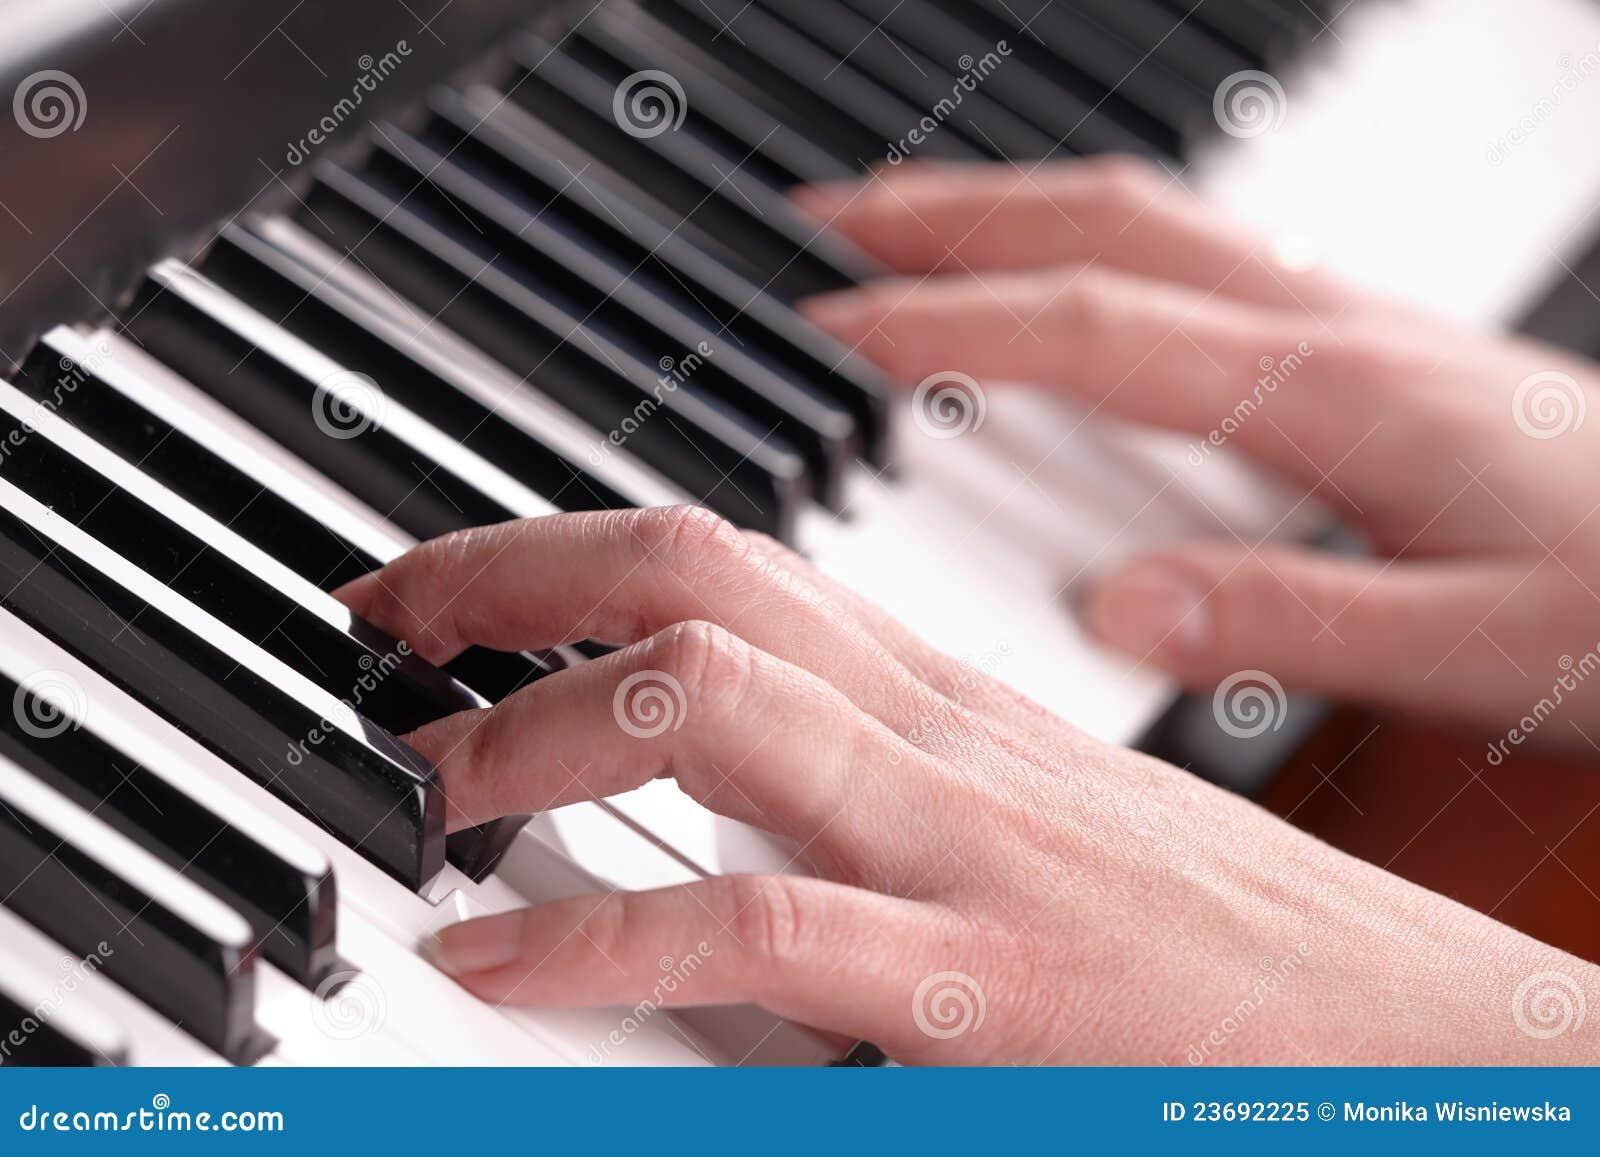 Hände, die Musik auf dem Klavier spielen